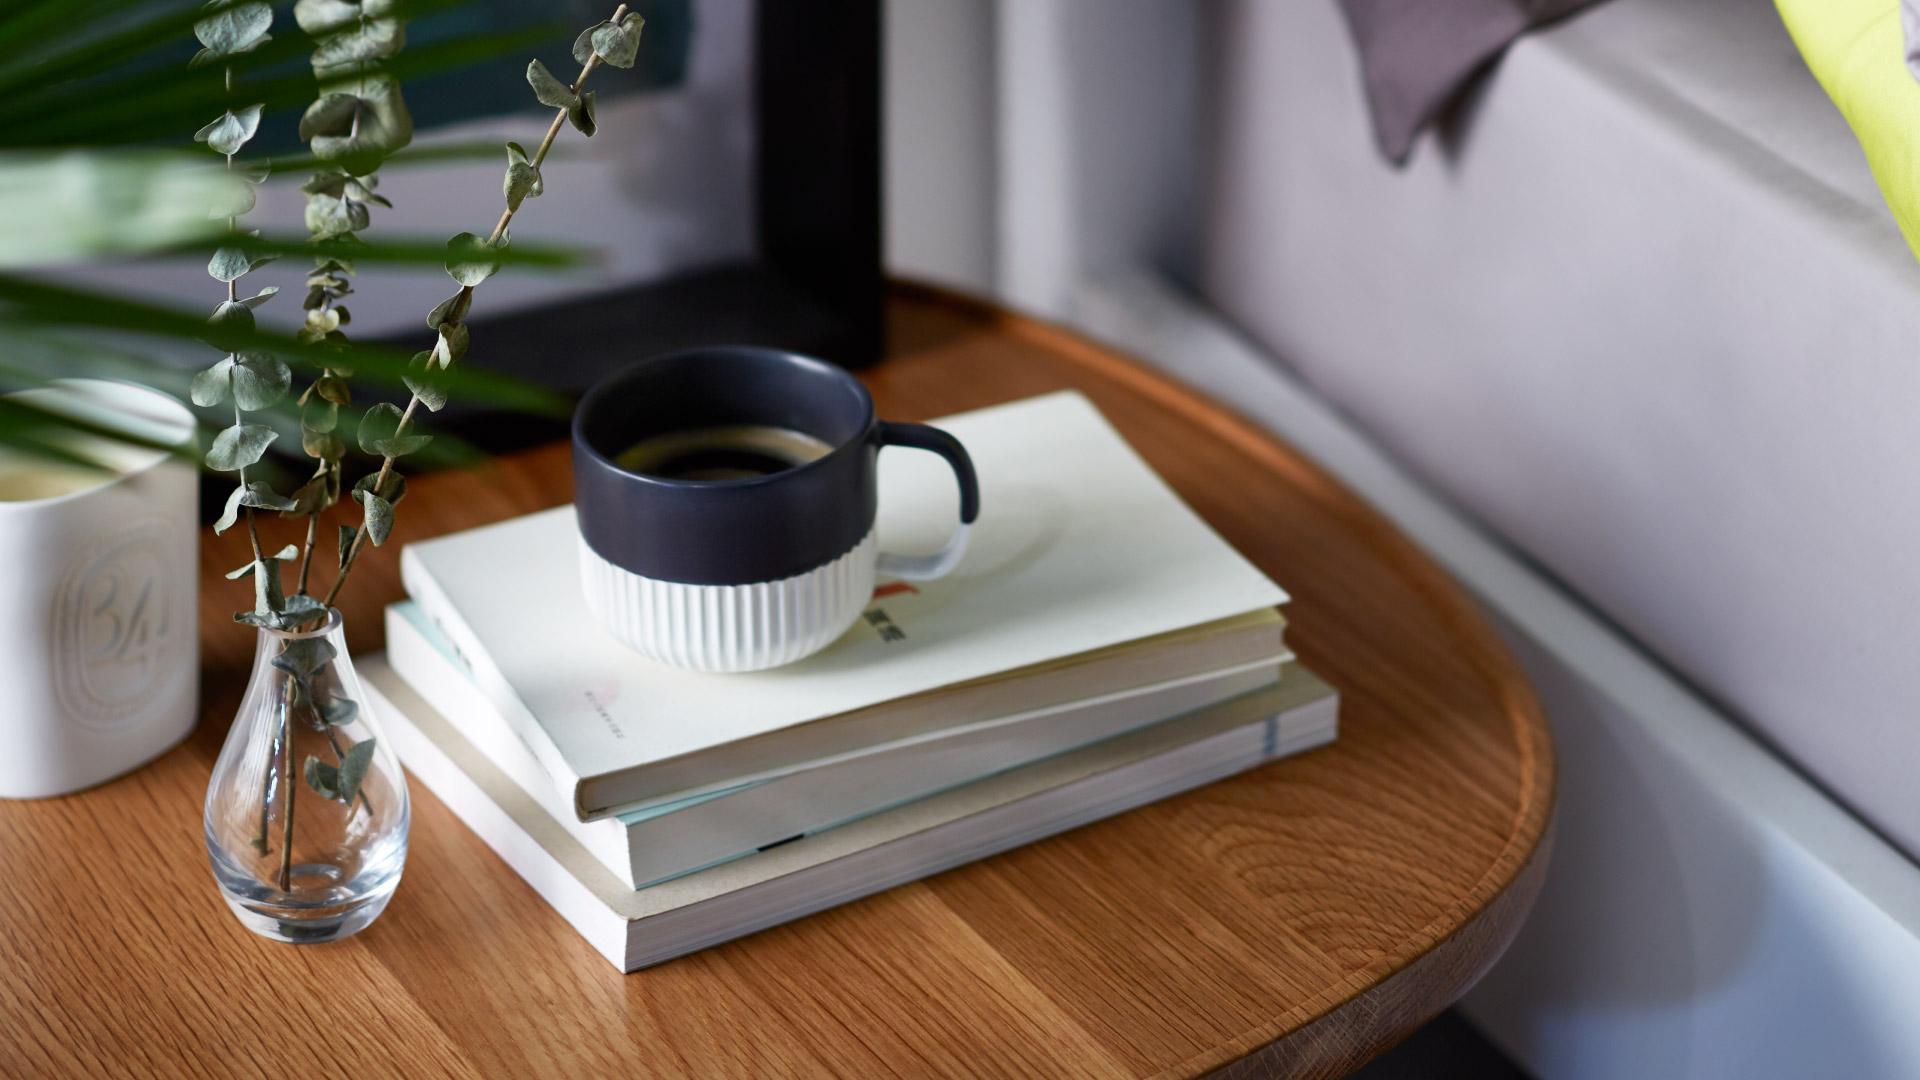 一天的始与终,从早间的一杯热牛奶开始,上午11点喝杯咖啡让身体打起精神,下午3点玫瑰花茶芬芳一个午后,尾声则萦绕在薰衣草茶香中,唇齿留香而眠。良时善度,日日与温润简素的杯子为伴,有它即是幸福与满足。?x-oss-process=image/format,jpg/interlace,1